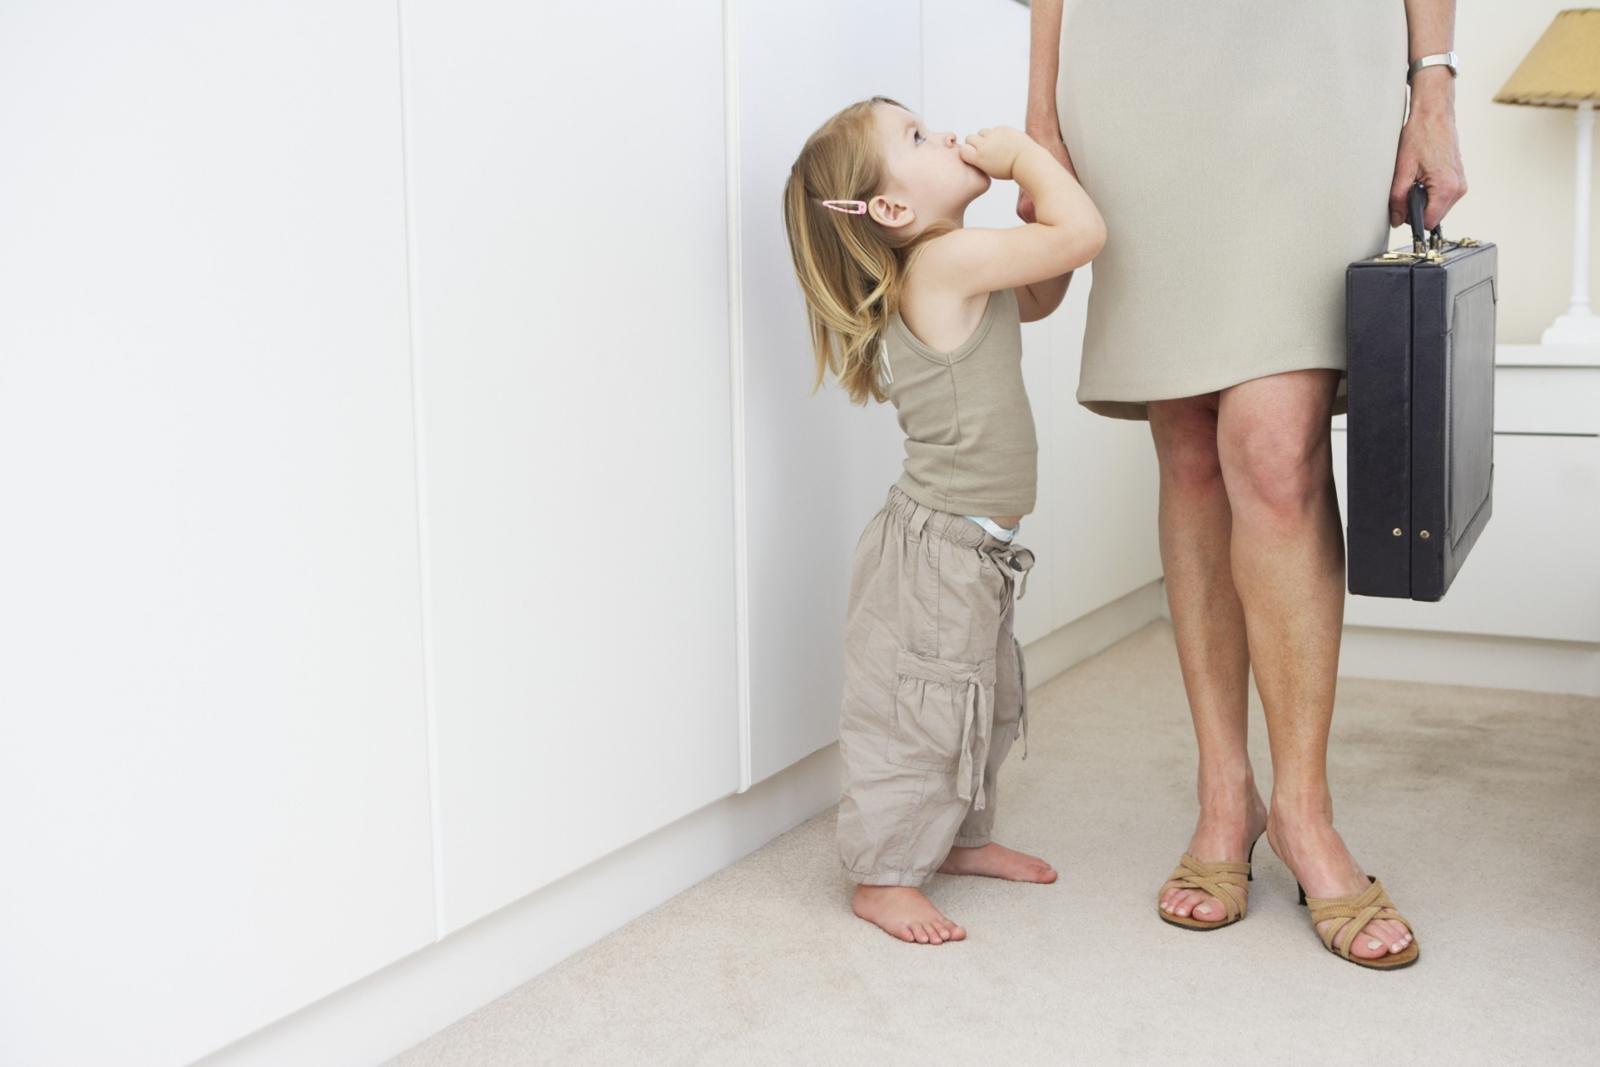 увольнение женщины с ребенком до 3 лет при банкротстве